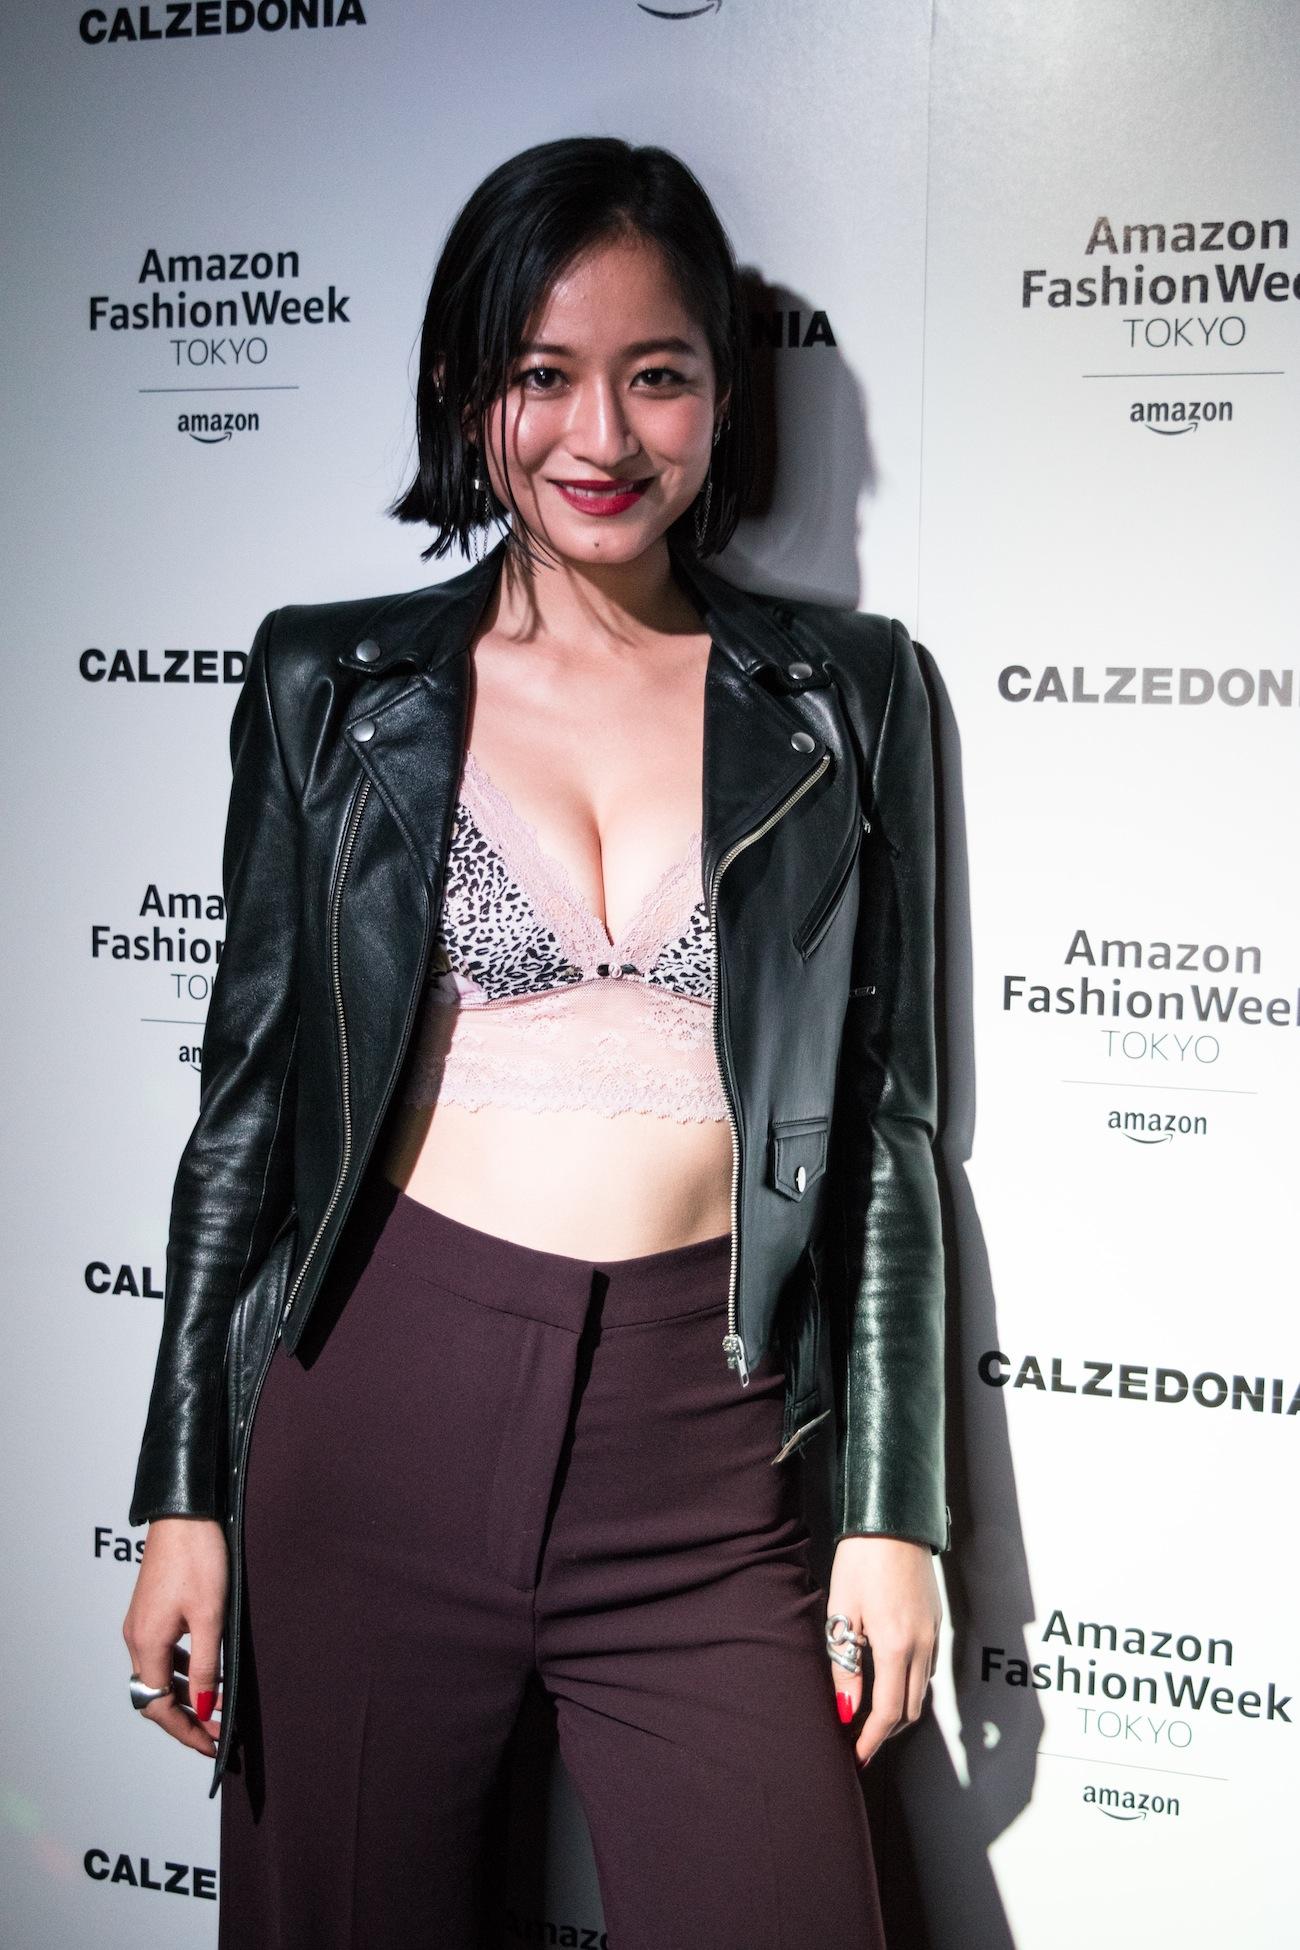 入夏(モデル)/2019年3月23日、Amazon Fashion Week TOKYOでの イタリアのレッグウェアブランド、Calzedonia (カルツェドニア )オフィシャルクロージングパーティ